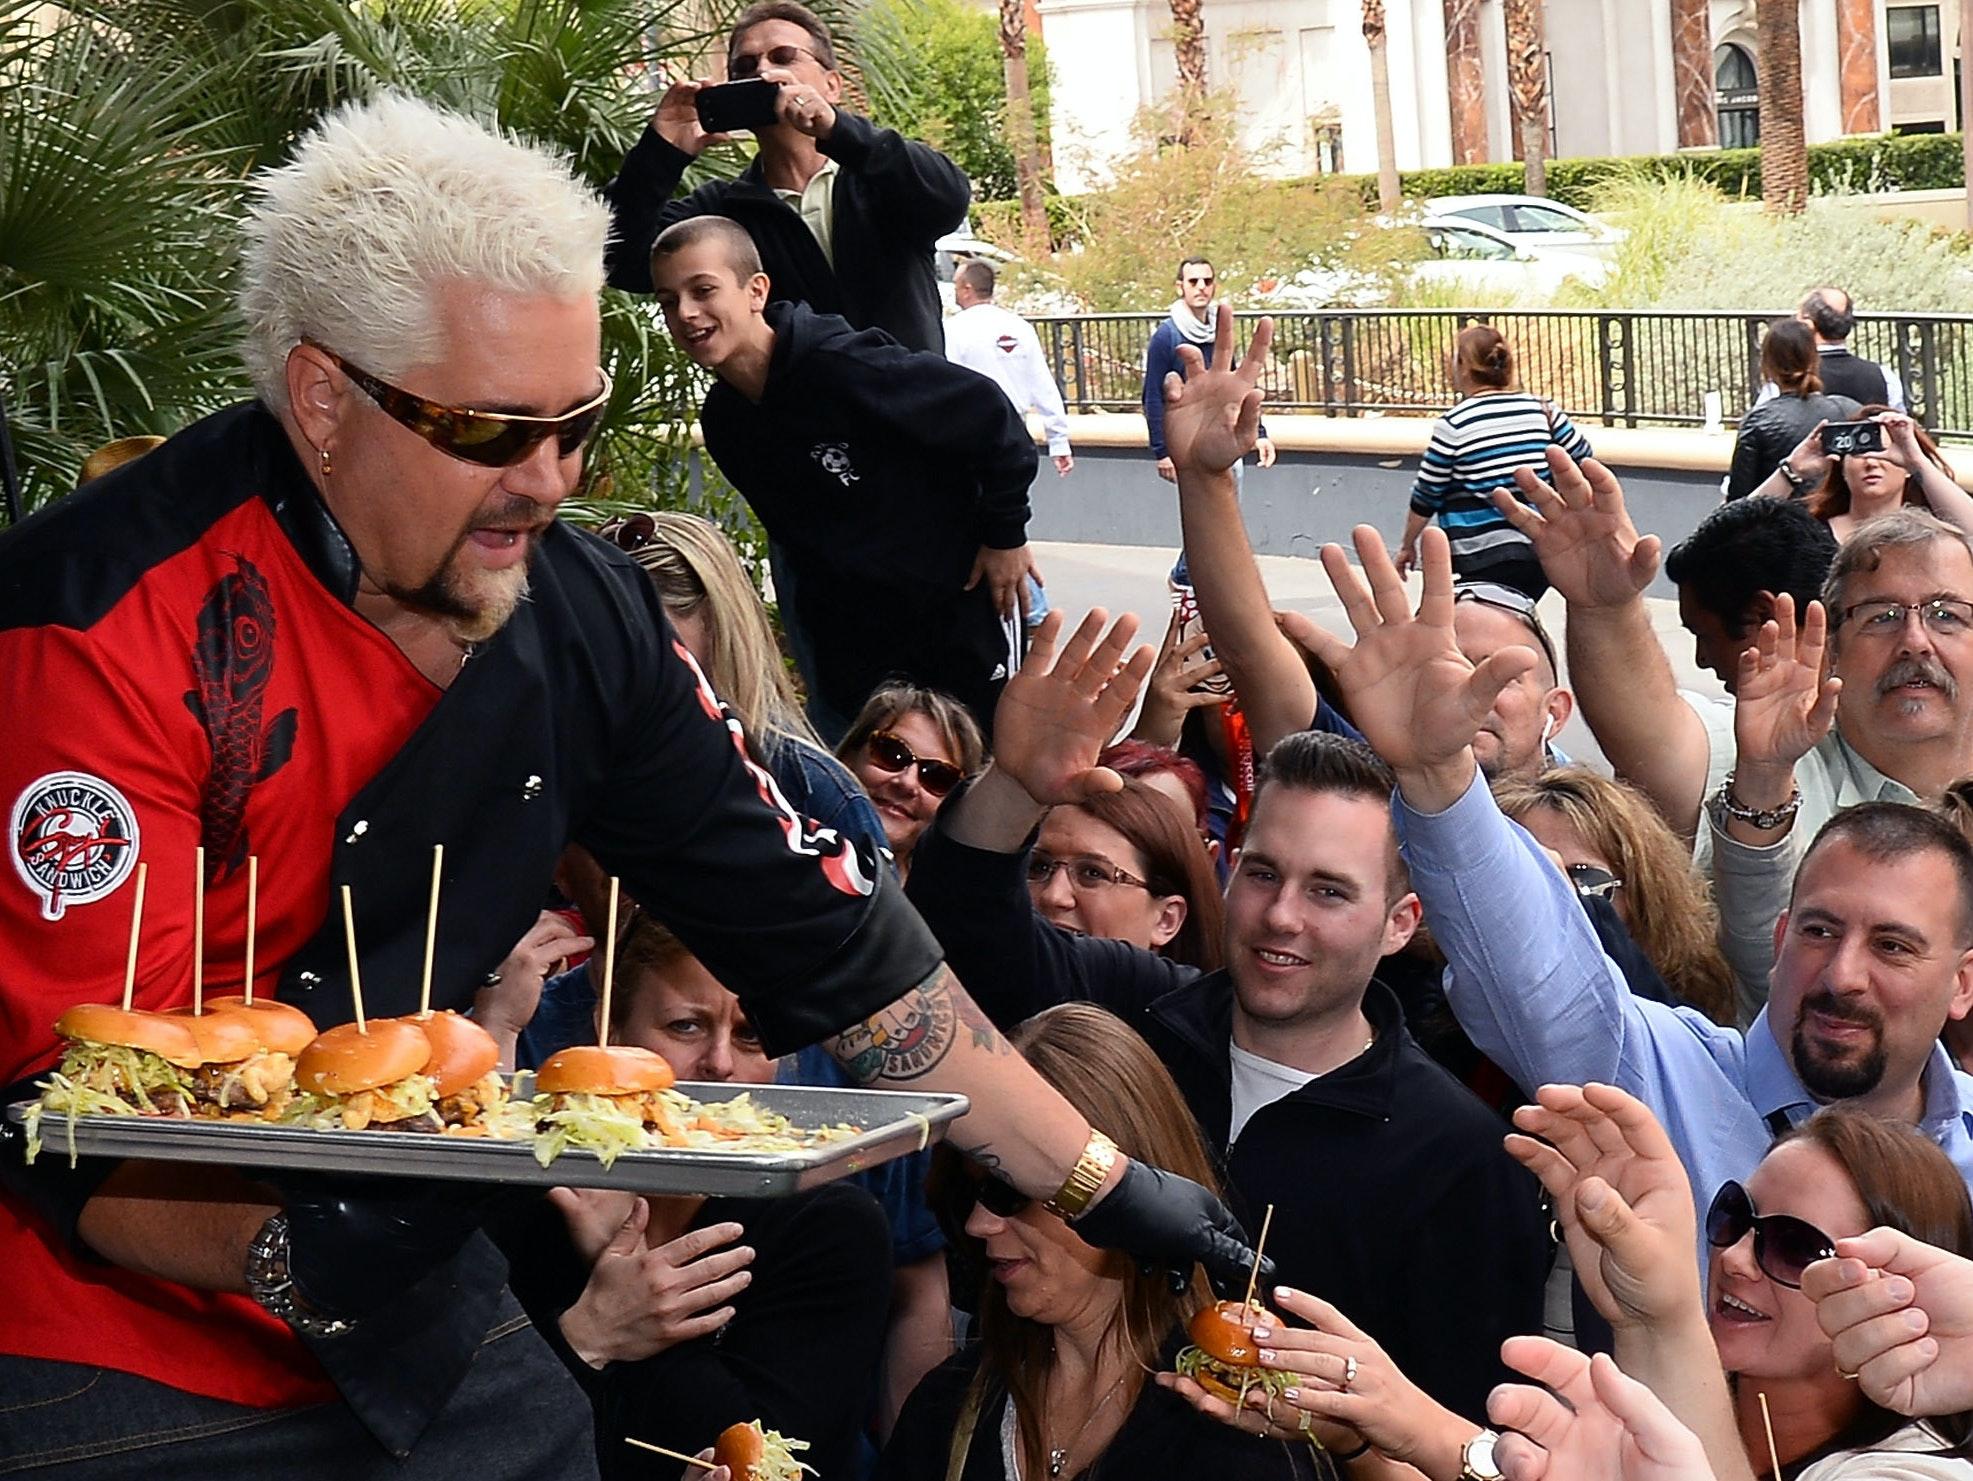 Guy Fieri's Culinary Populism Is No Joke